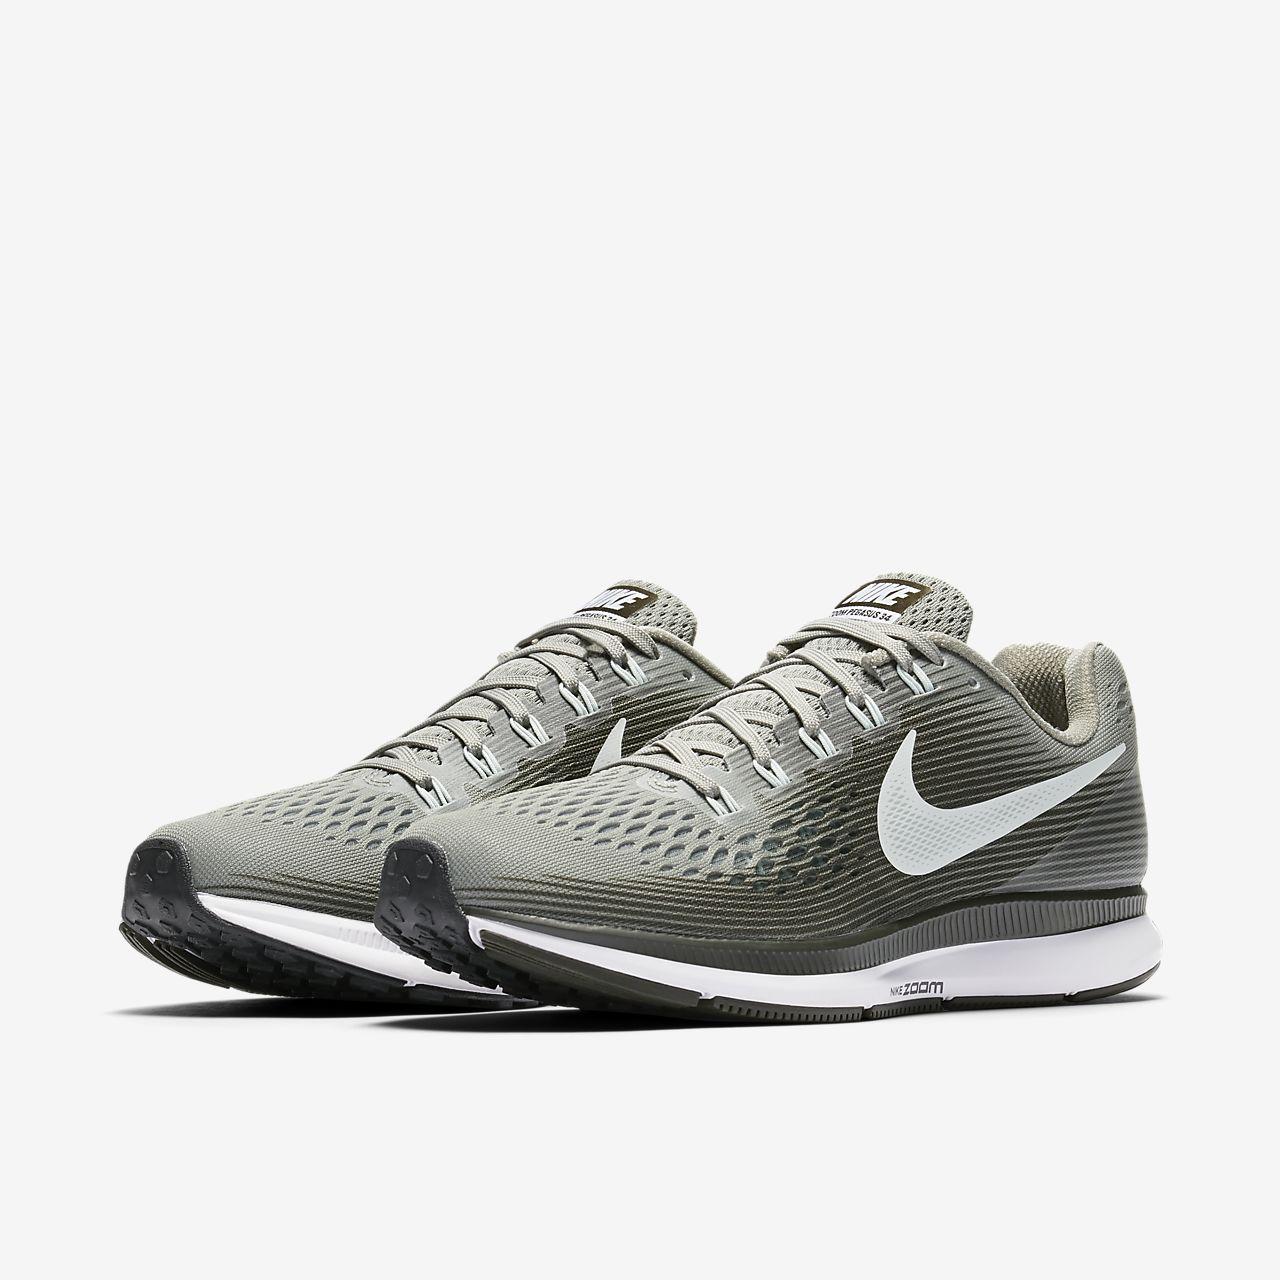 ... Nike Air Zoom Pegasus 34 Women's Running Shoe